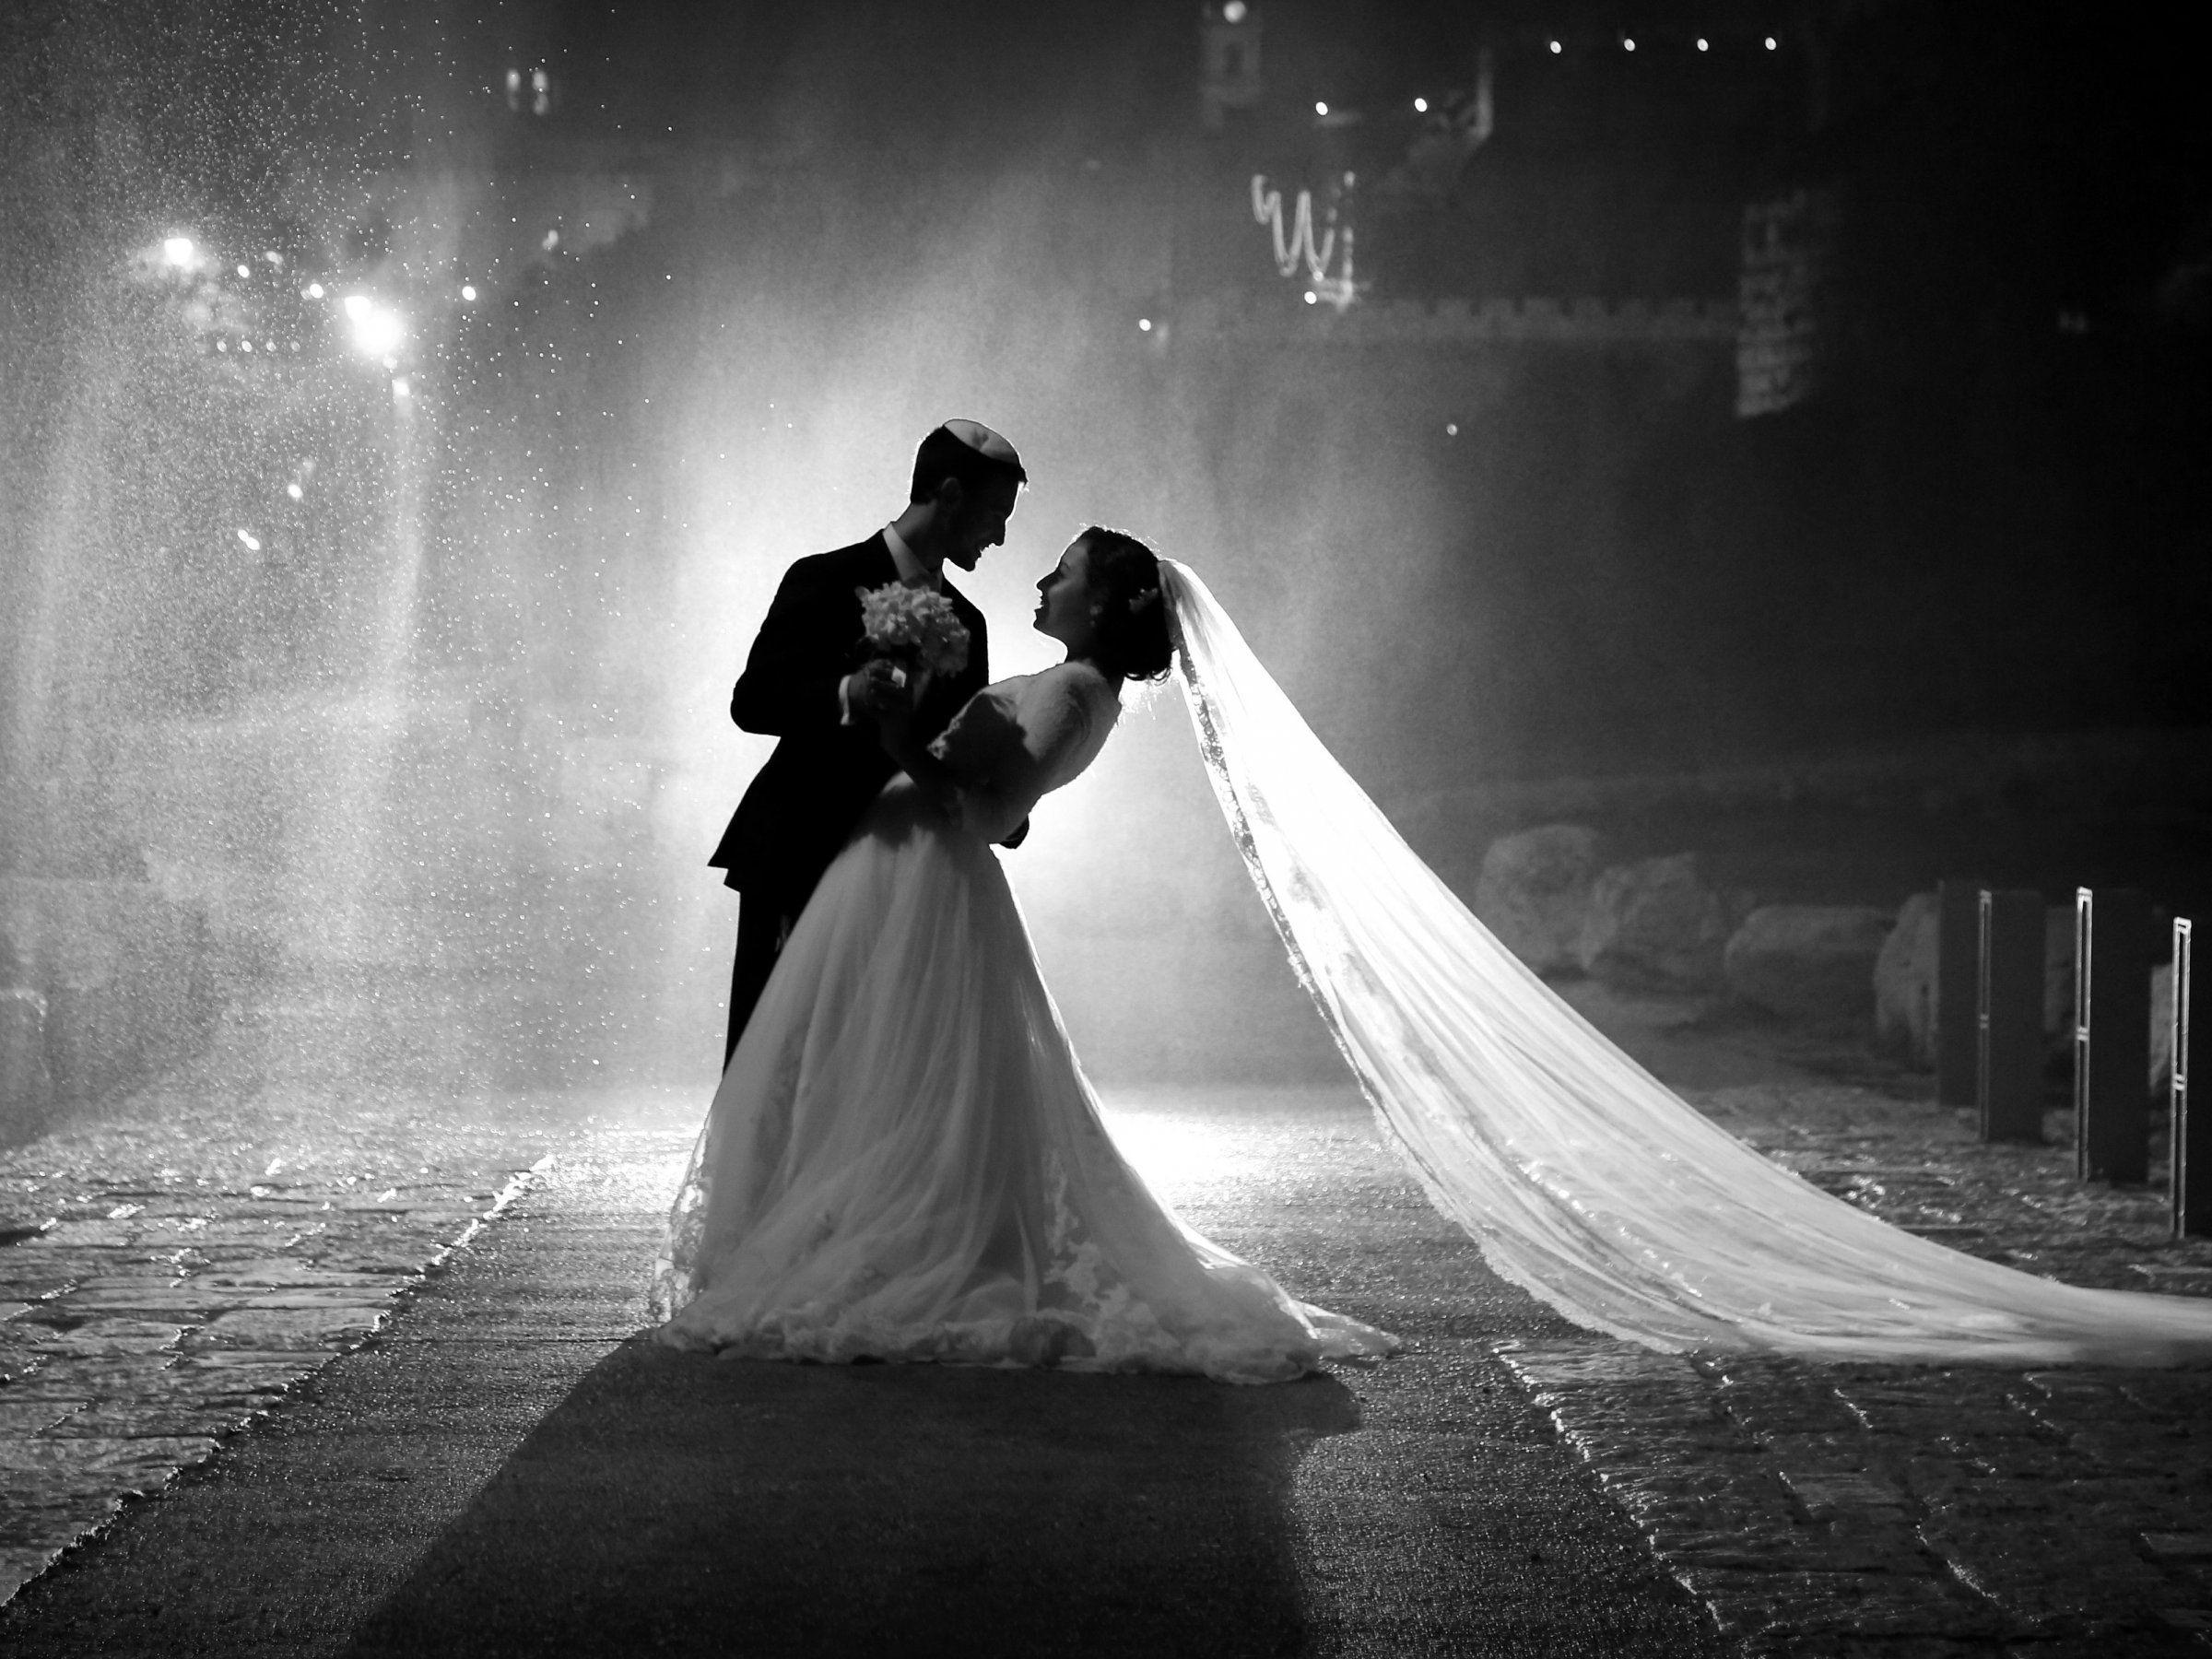 بالصور رمزيات عروس , اجمل صور العرائس وليله العمر 267 2